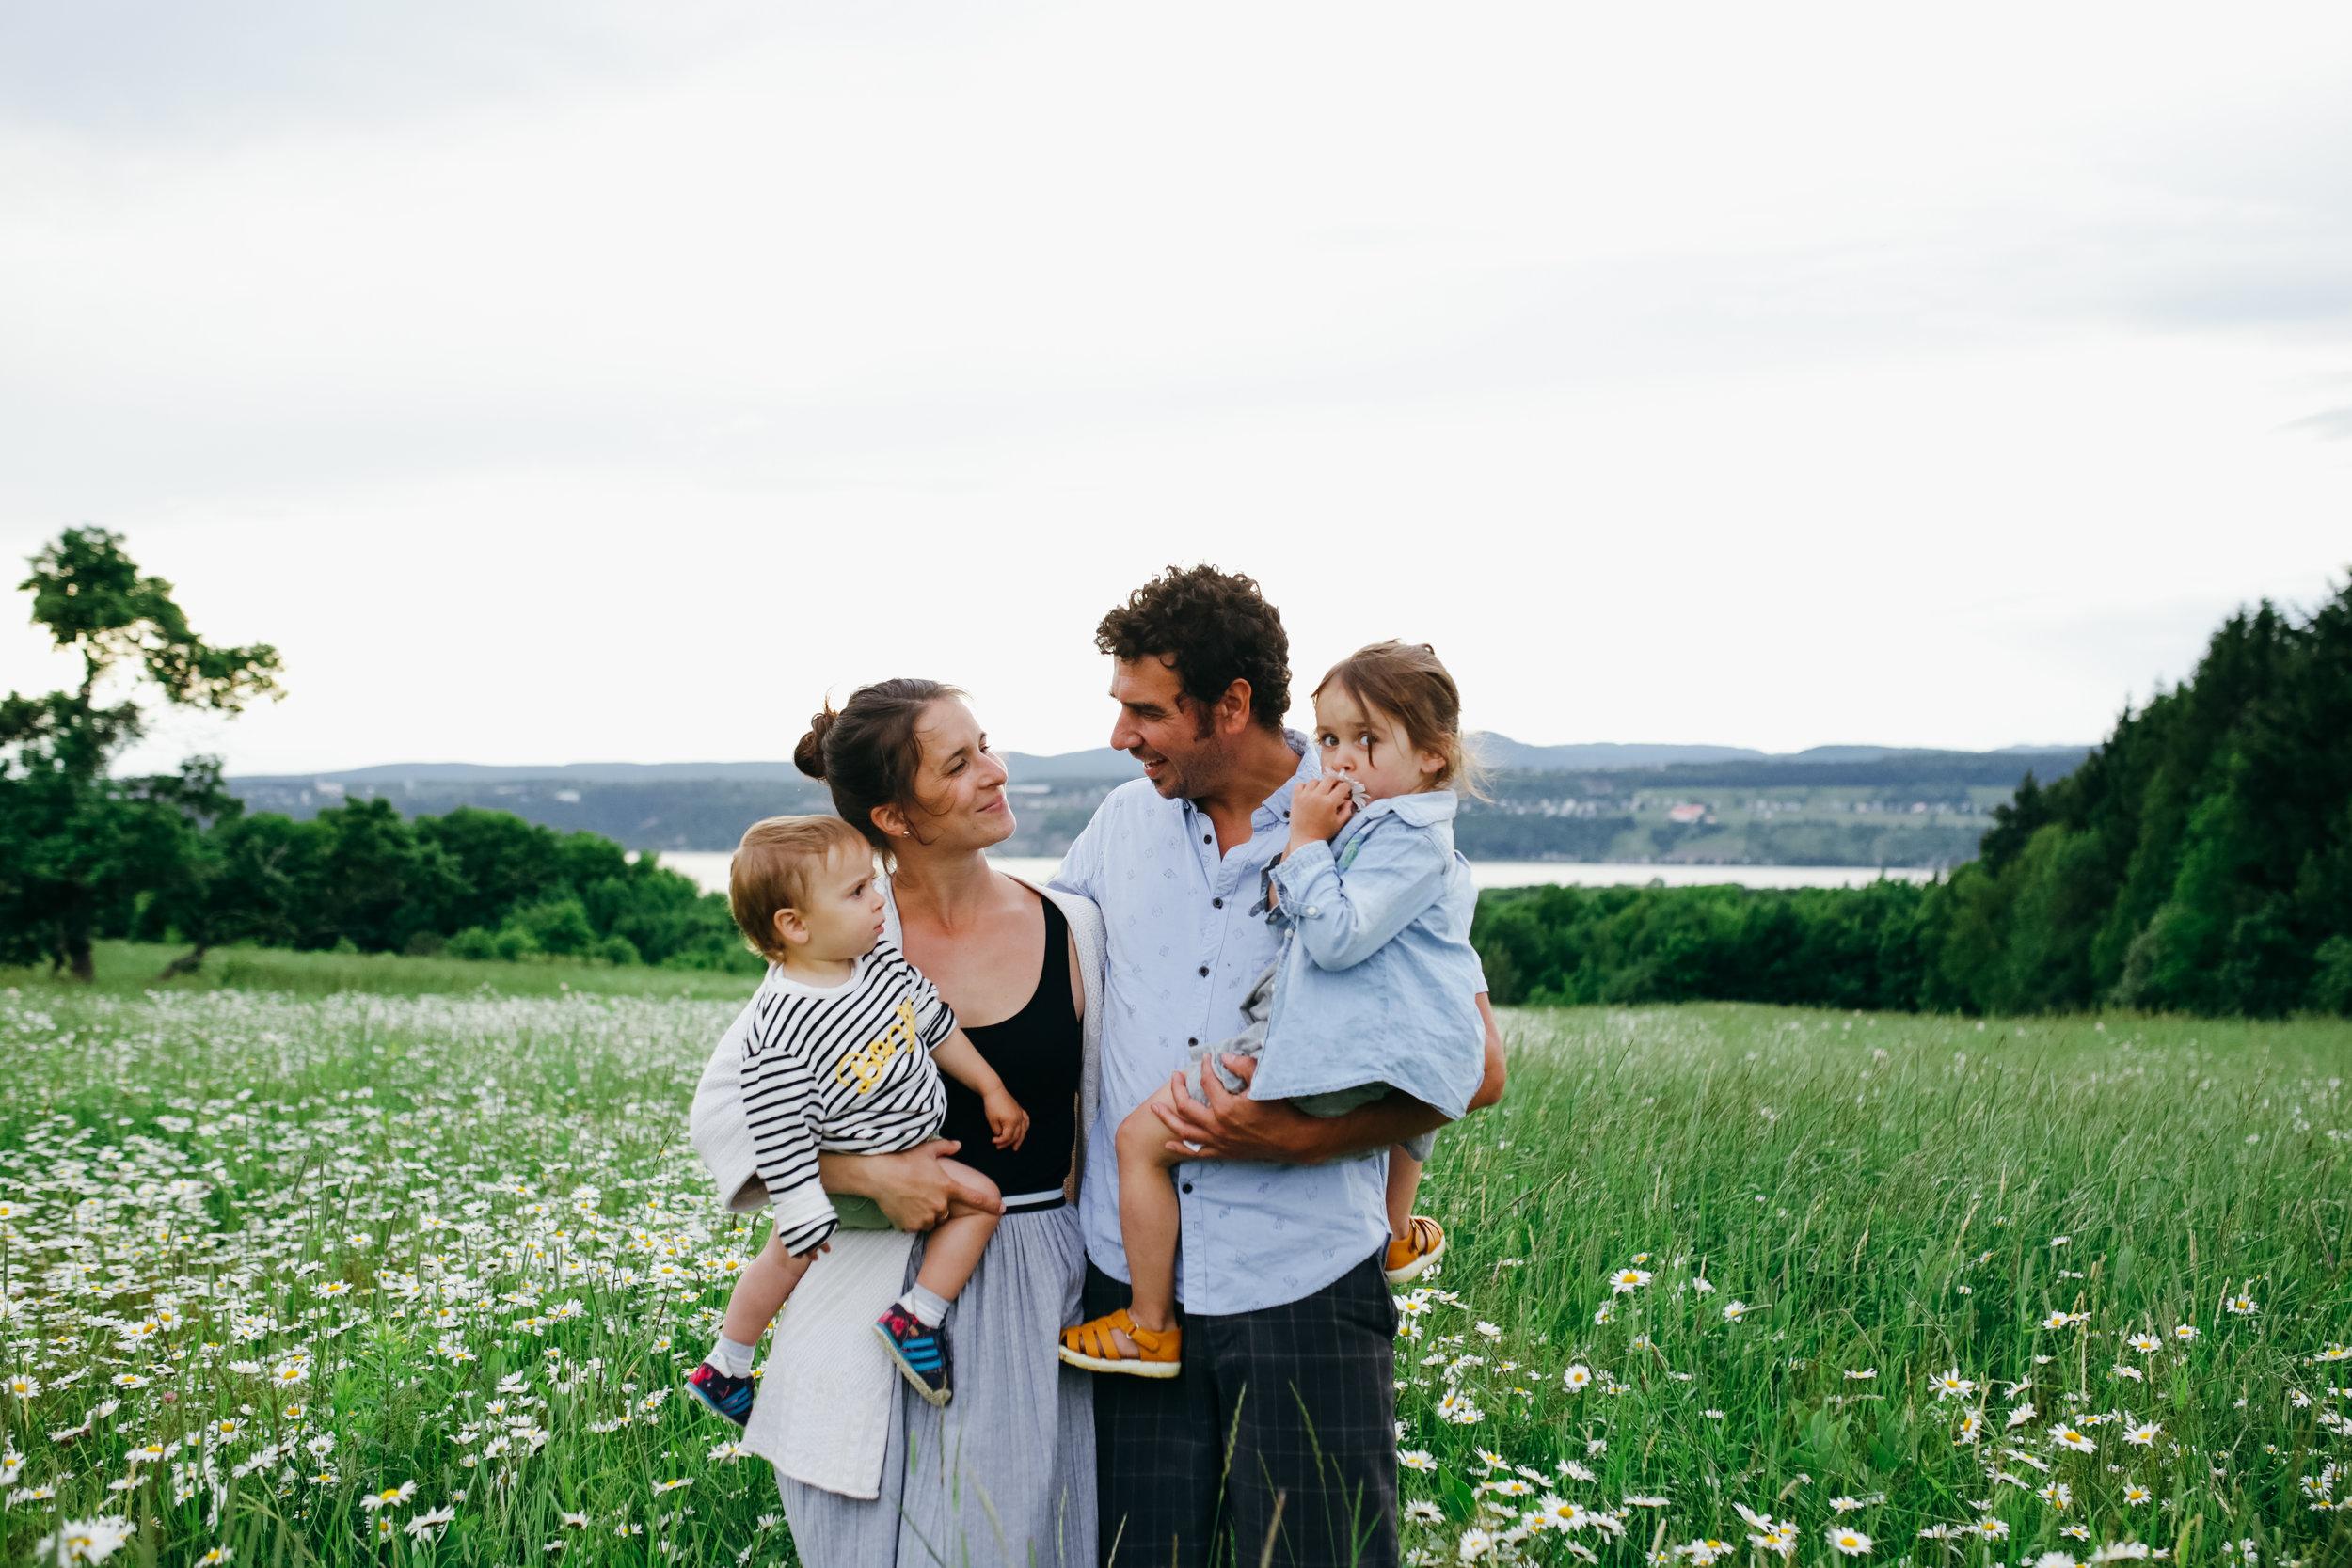 Définitivement un « must » pour une vie de famille plus consciente et bienveillante. - Le programme Parentalité Empathique permet de pousser notre réflexion et notre introspection sur notre type de parentalité et sur ce qu'on souhaite pour notre vie de famille. Trucs concrets, des images fortes et des exercices à mettre en pratique nous permettant d'évoluer vers une parentalité plus satisfaisante, gratifiante, saine, plus douce aussi, tant pour l'enfant que pour le parent. Le programme sur plusieurs semaines aide à mieux ancrer les nouvelles habitudes, en faisant un petit rappel hebdomadaire de nos objectifs. Mon chum et moi avons décidé de faire le programme ensemble, puis chaque semaine ça apportait des discussions riches. C'est une bonne façon de s'épauler, de travailler en équipe afin de mettre en pratique les astuces suggérées par Elisabeth.- Ange